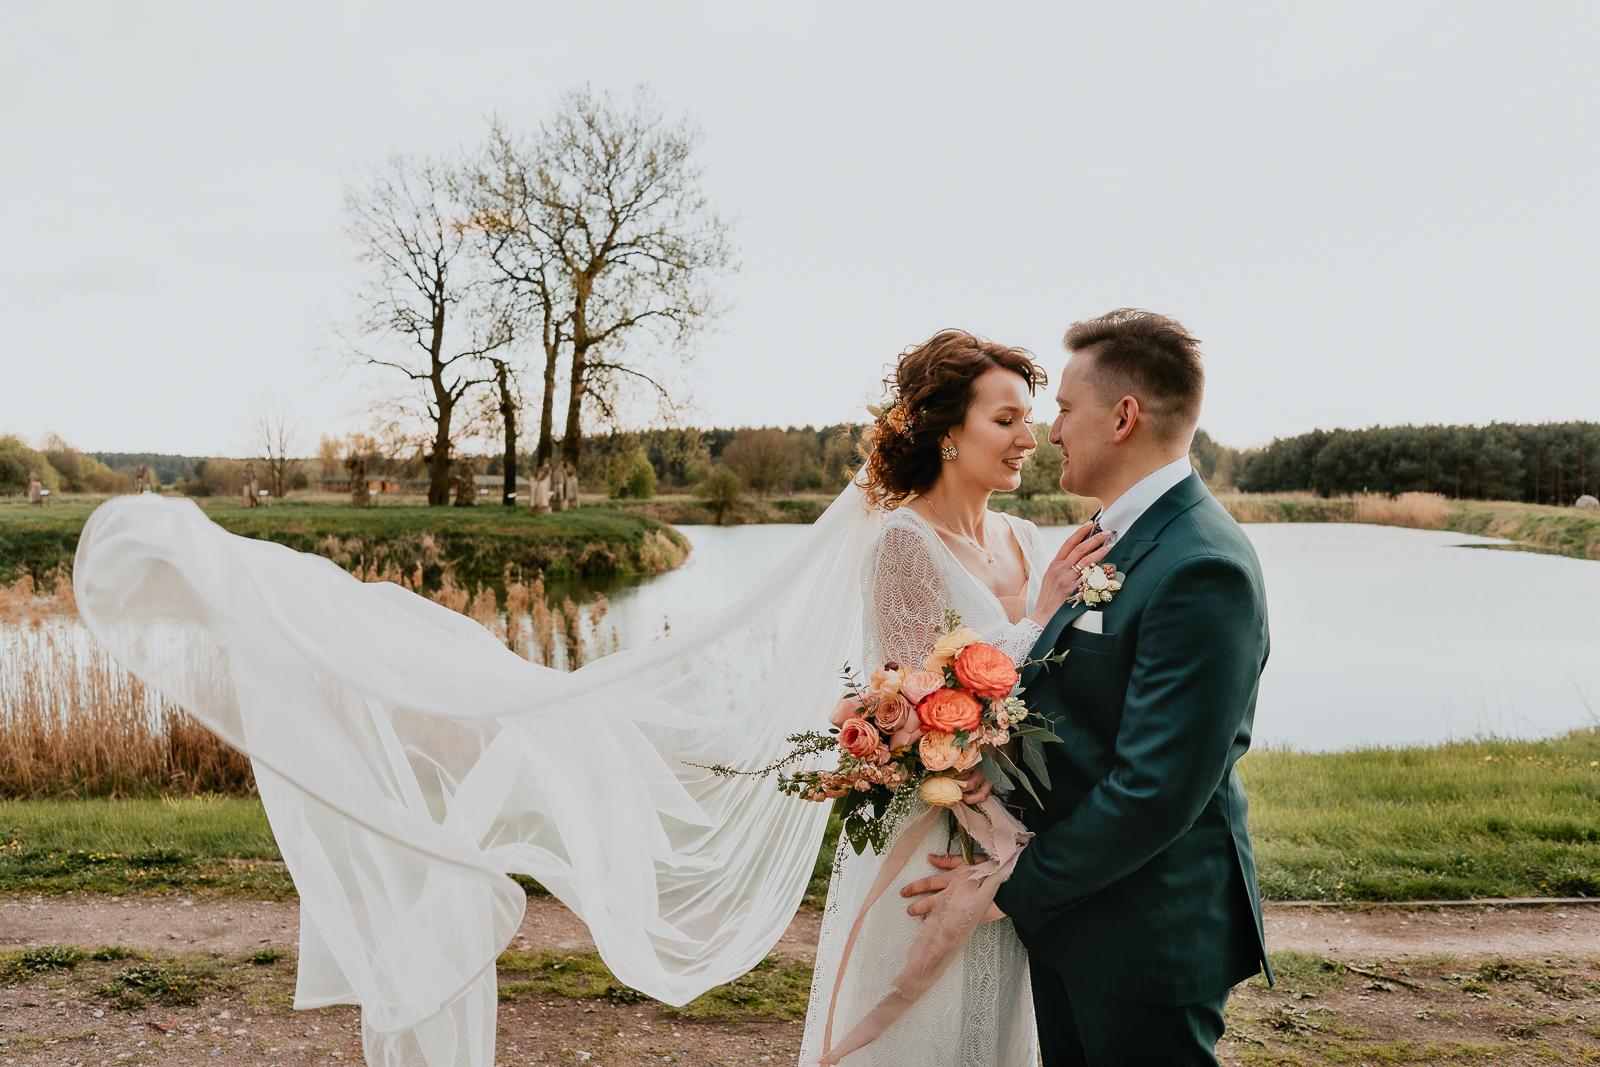 para młoda sesja ślubna rozwiany welon Piotr czyzewski fotograf Legionowo